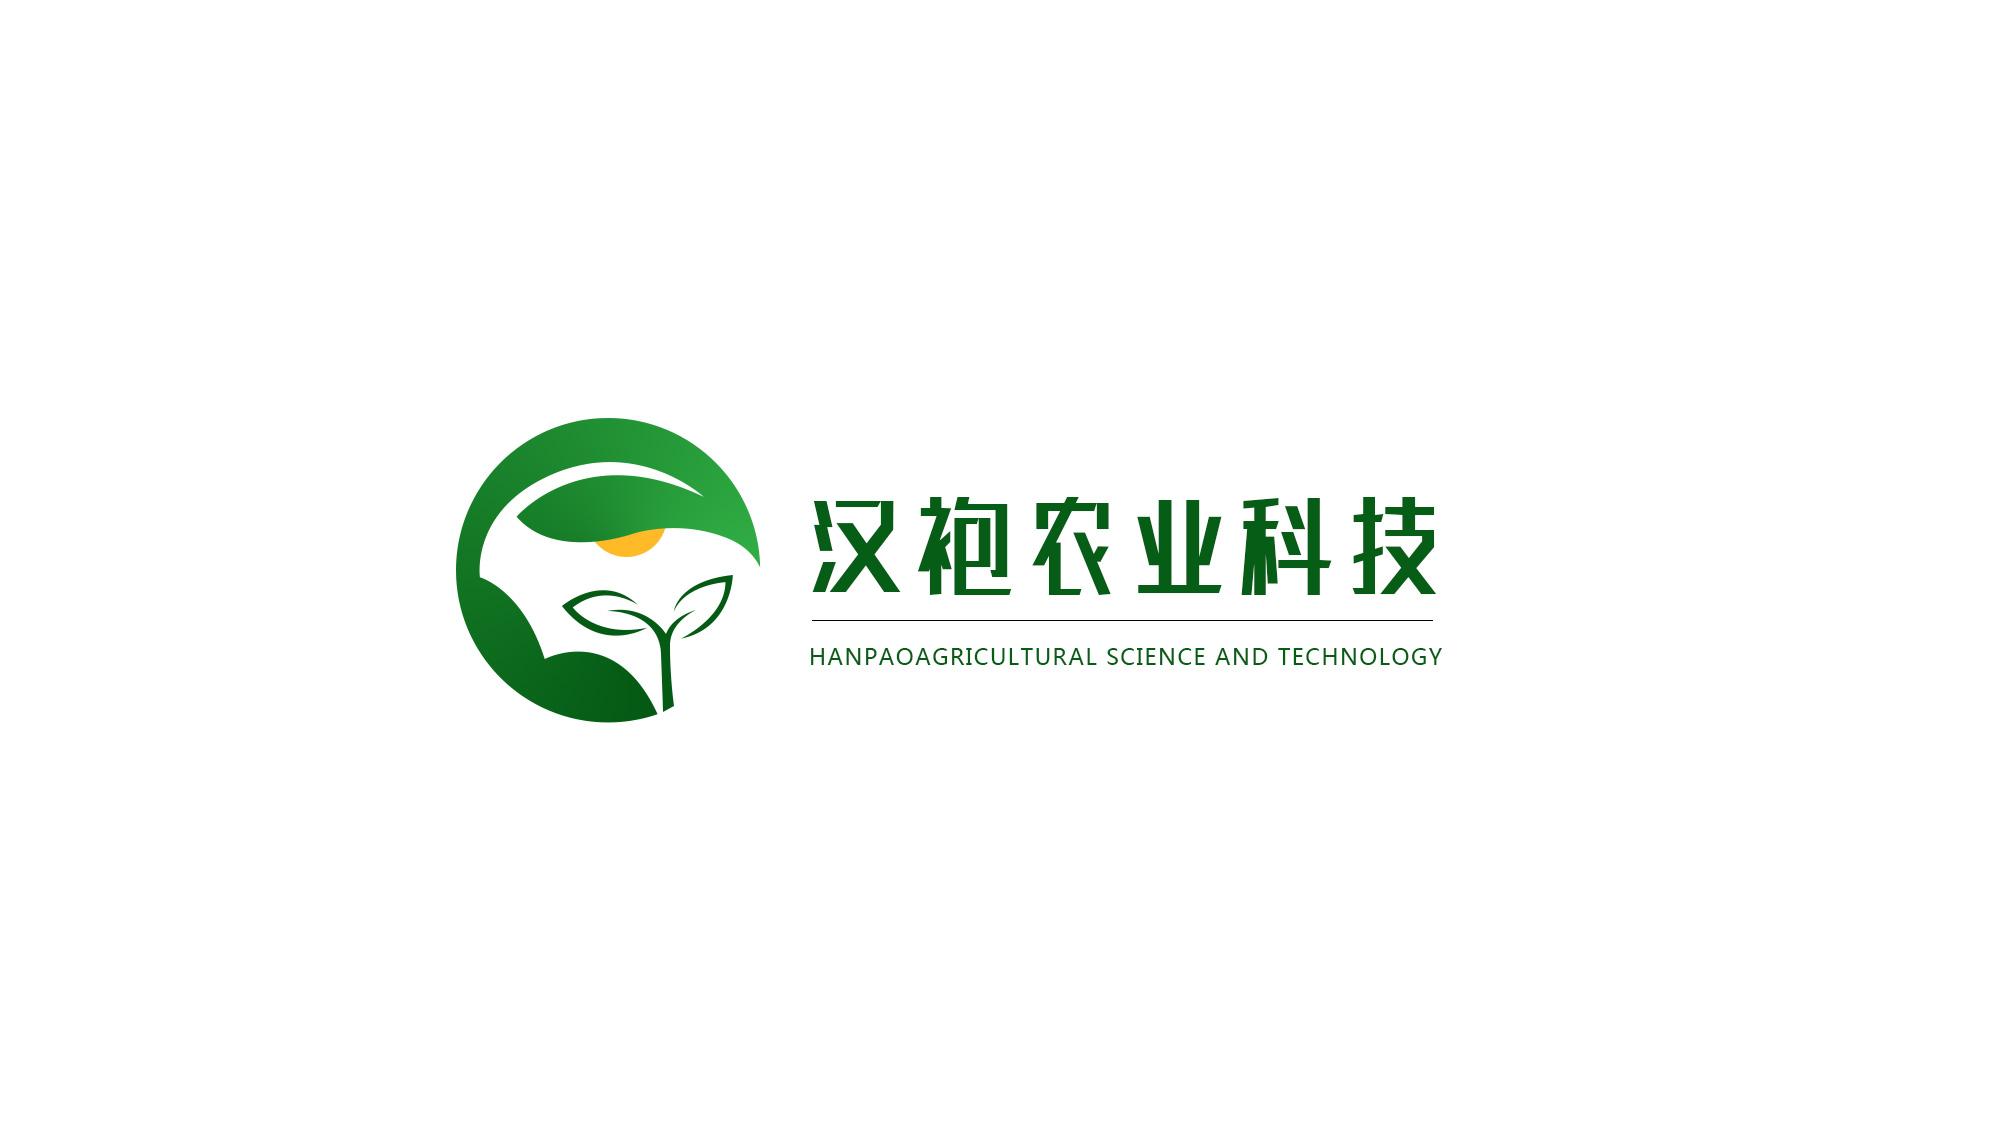 绵阳汉袍农业科技发展有限公司